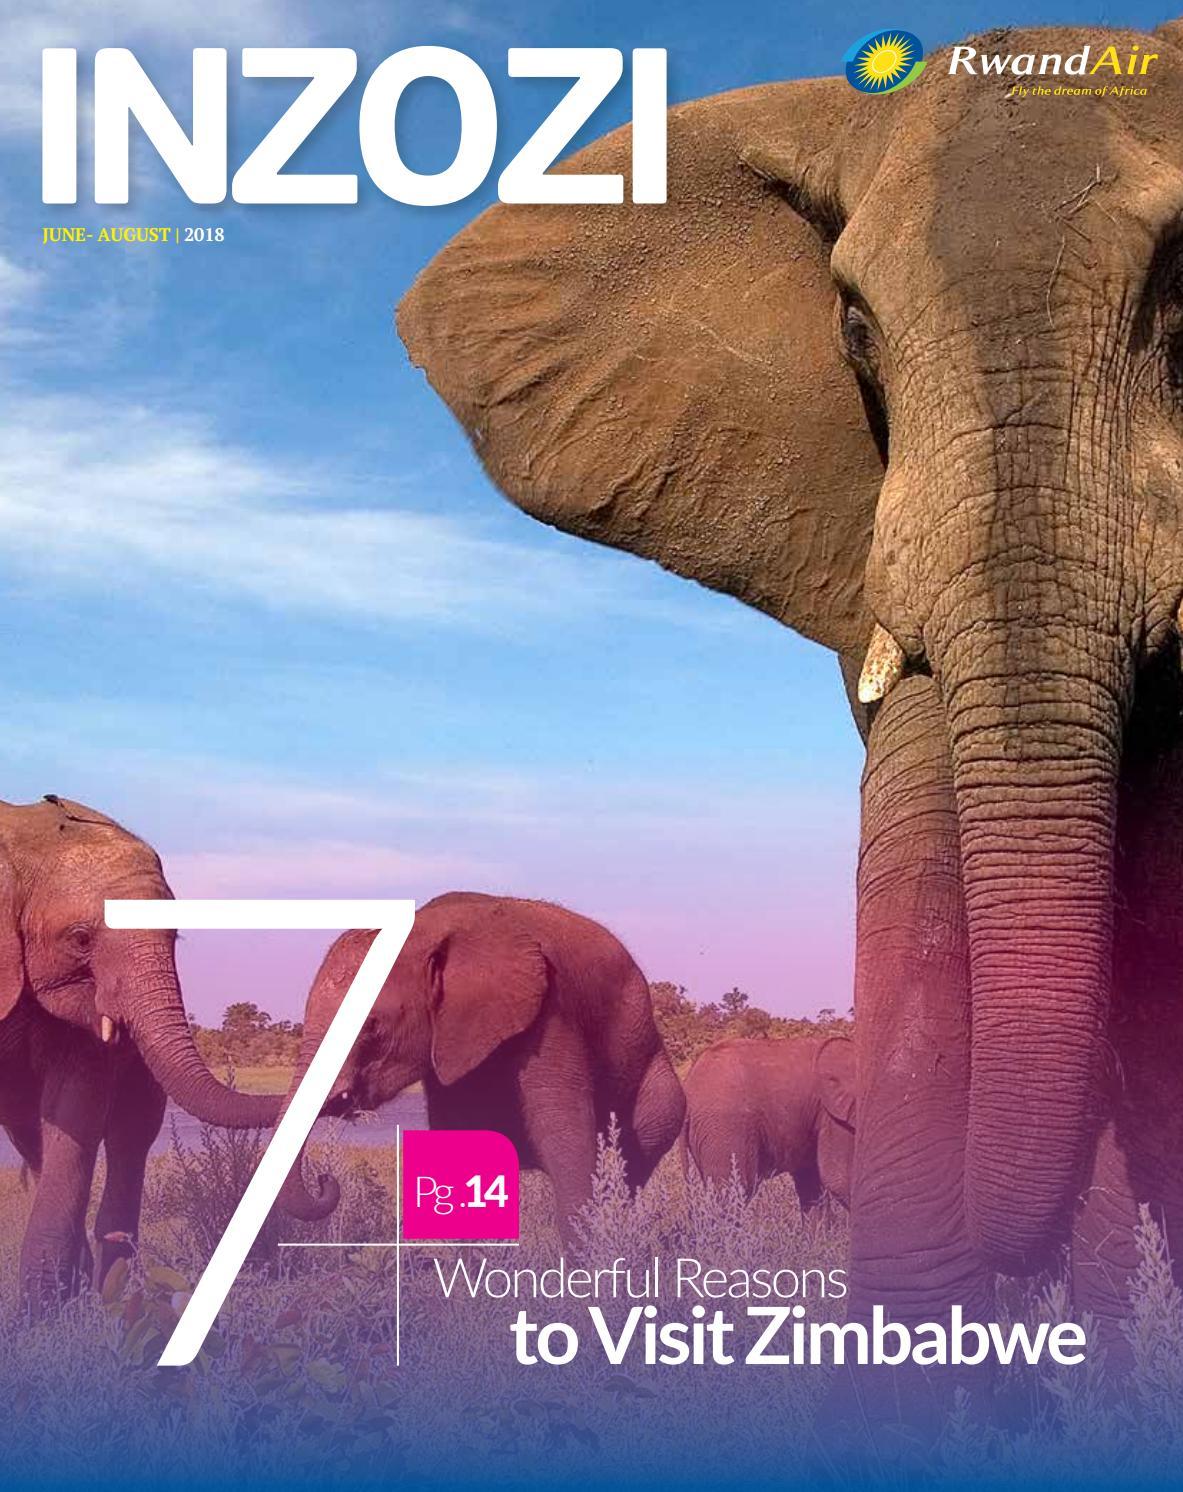 Bonus Porte Interne 2018 rwandair inzozi magazine june 2018 by inzozi magazine - issuu